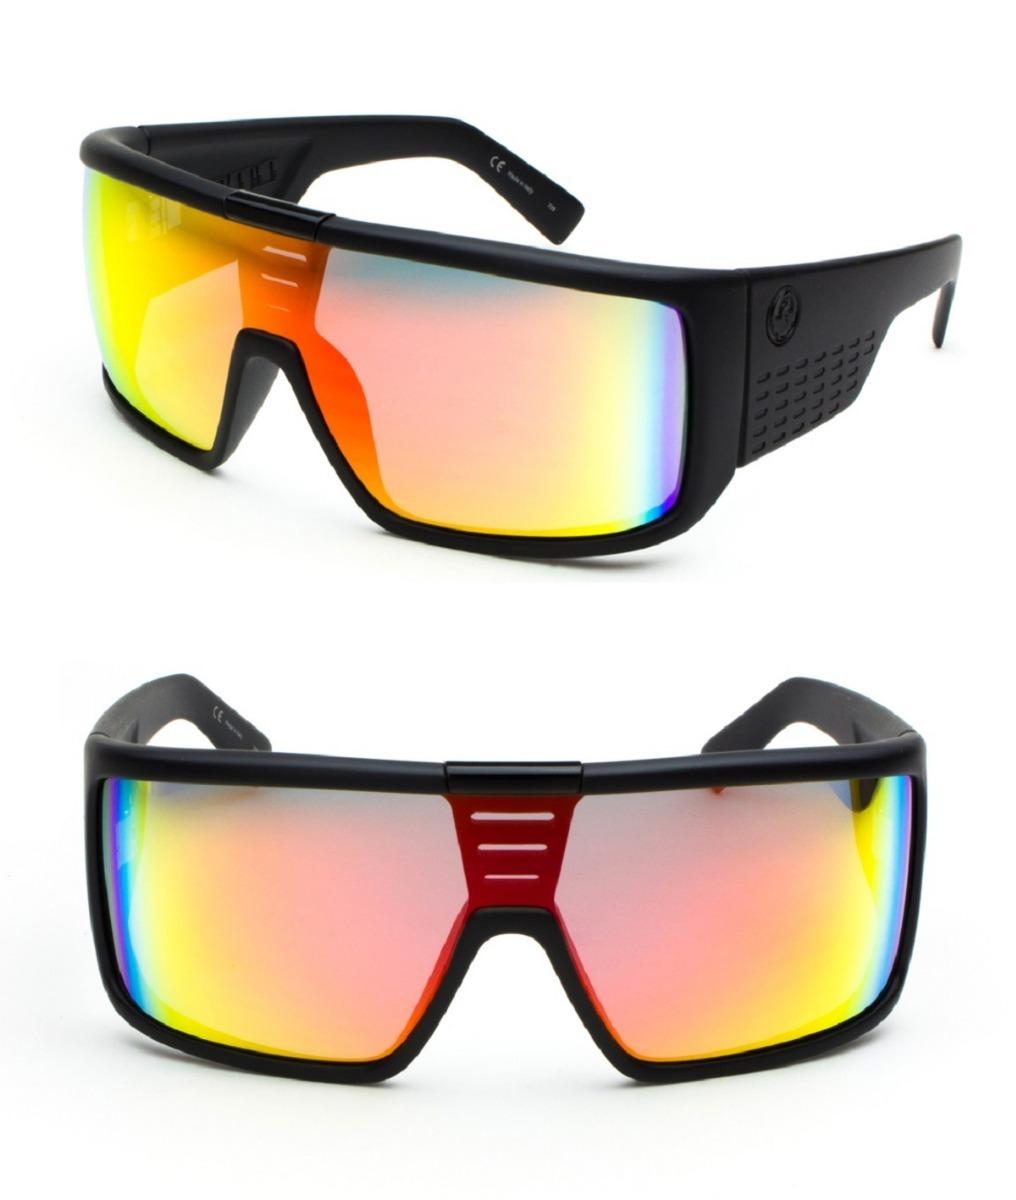 32e682bc638af Óculos Sol Dragon Domo 100% Original S  Uso Nota Fiscal - R  399